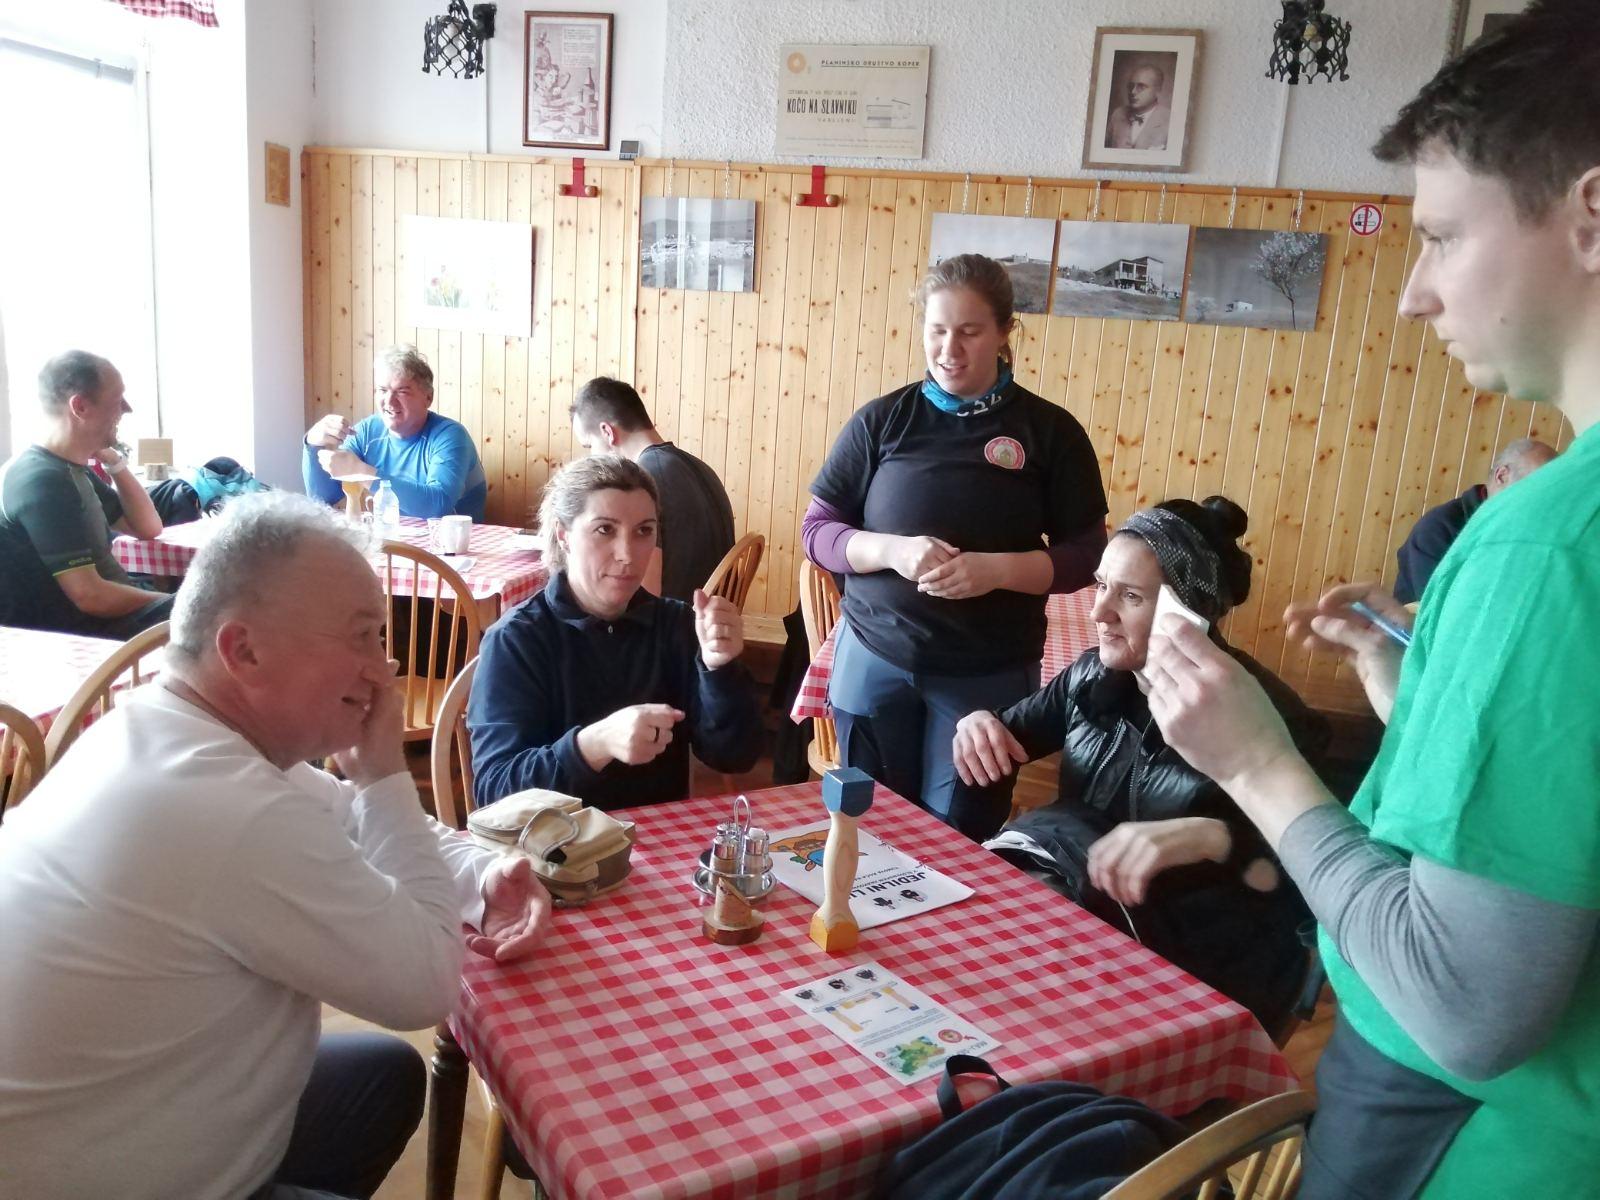 Na sliki prostovoljec Matija prejema naročilo v znakovnem jeziku. Pomaga mu tudi prostovoljka Martina. Valjček na mizi, ki je obrnjen z modro navzgor sporoča, da želijo gostje naročiti, foto arhiv GSPK